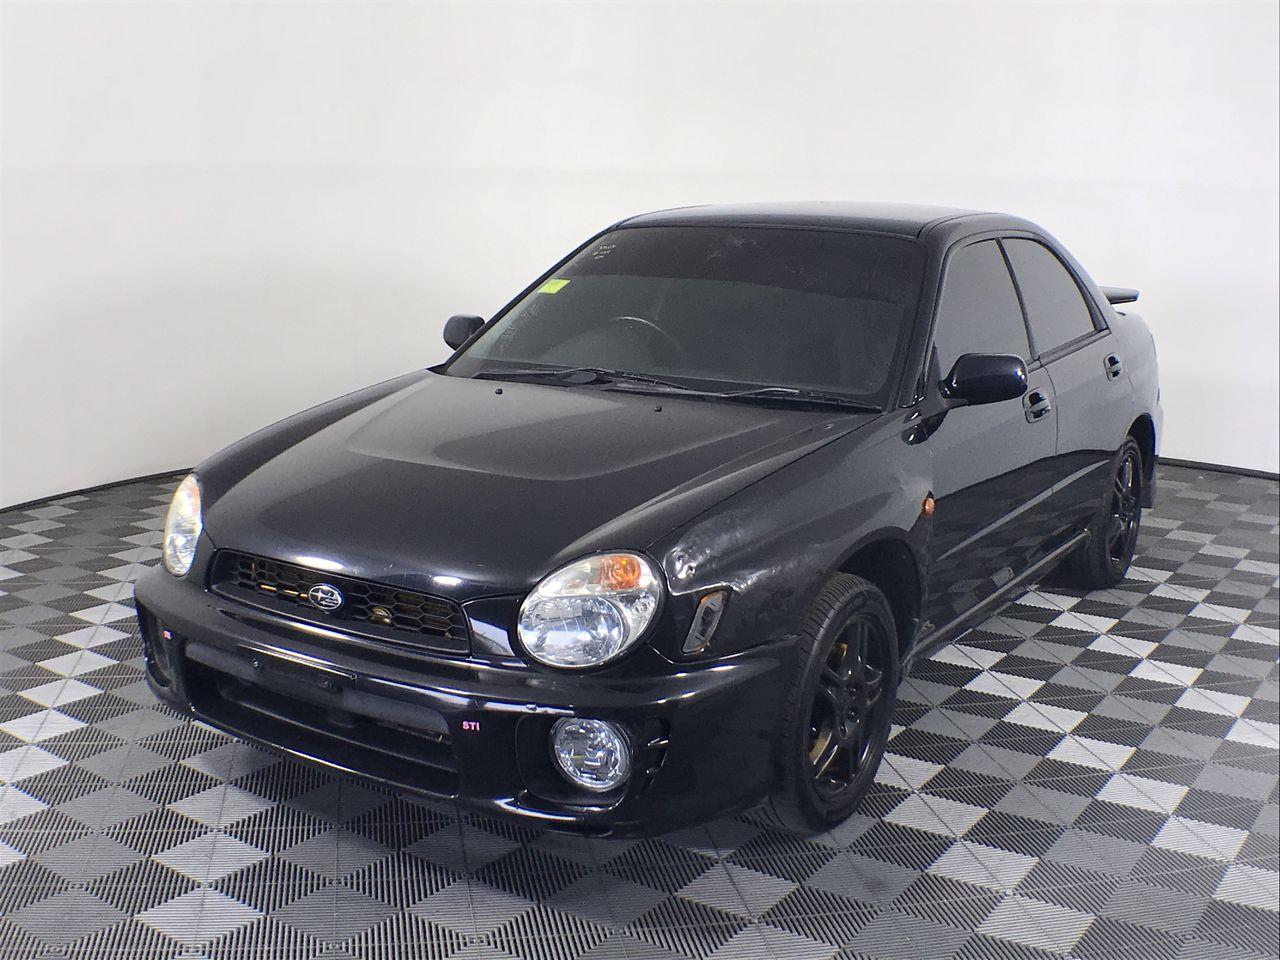 2001 Subaru Impreza RS (AWD) S44 Manual Sedan